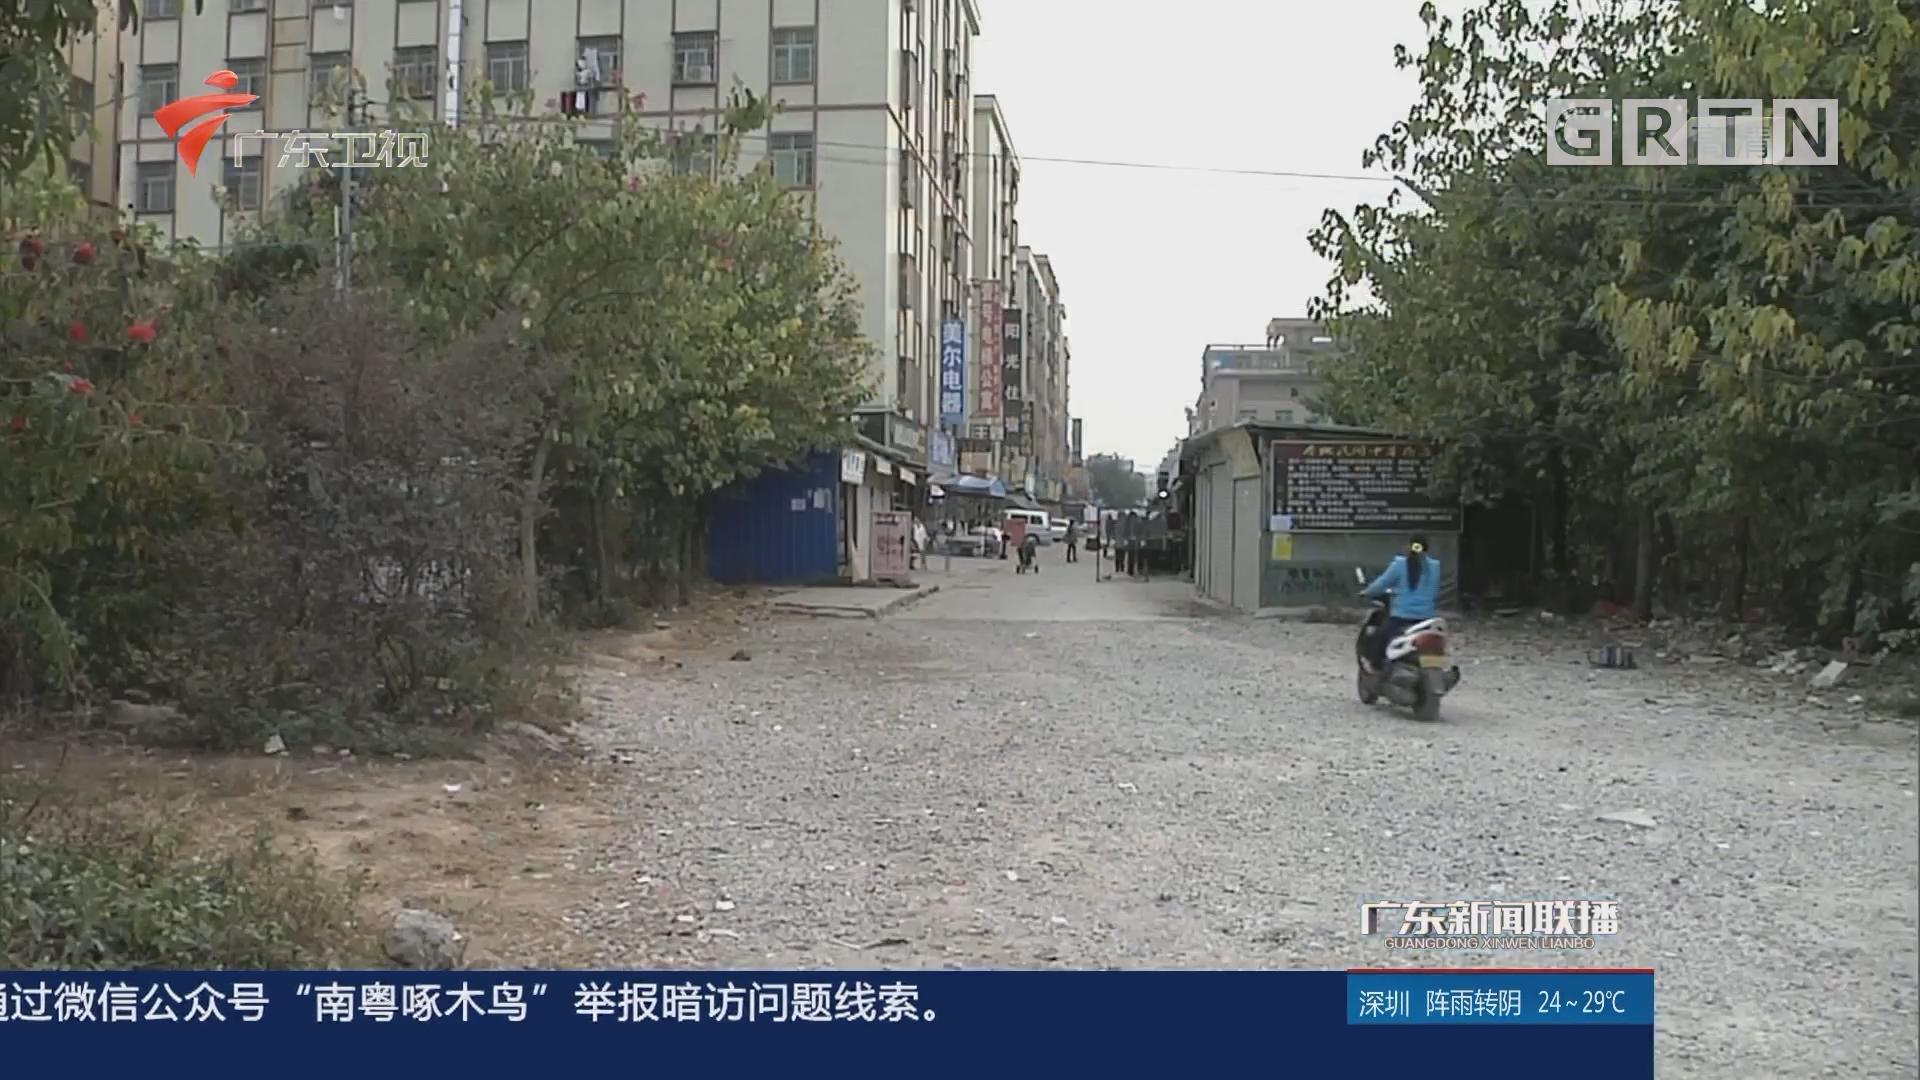 广州花都:绿化工程违法用地 建了又拆困扰居民